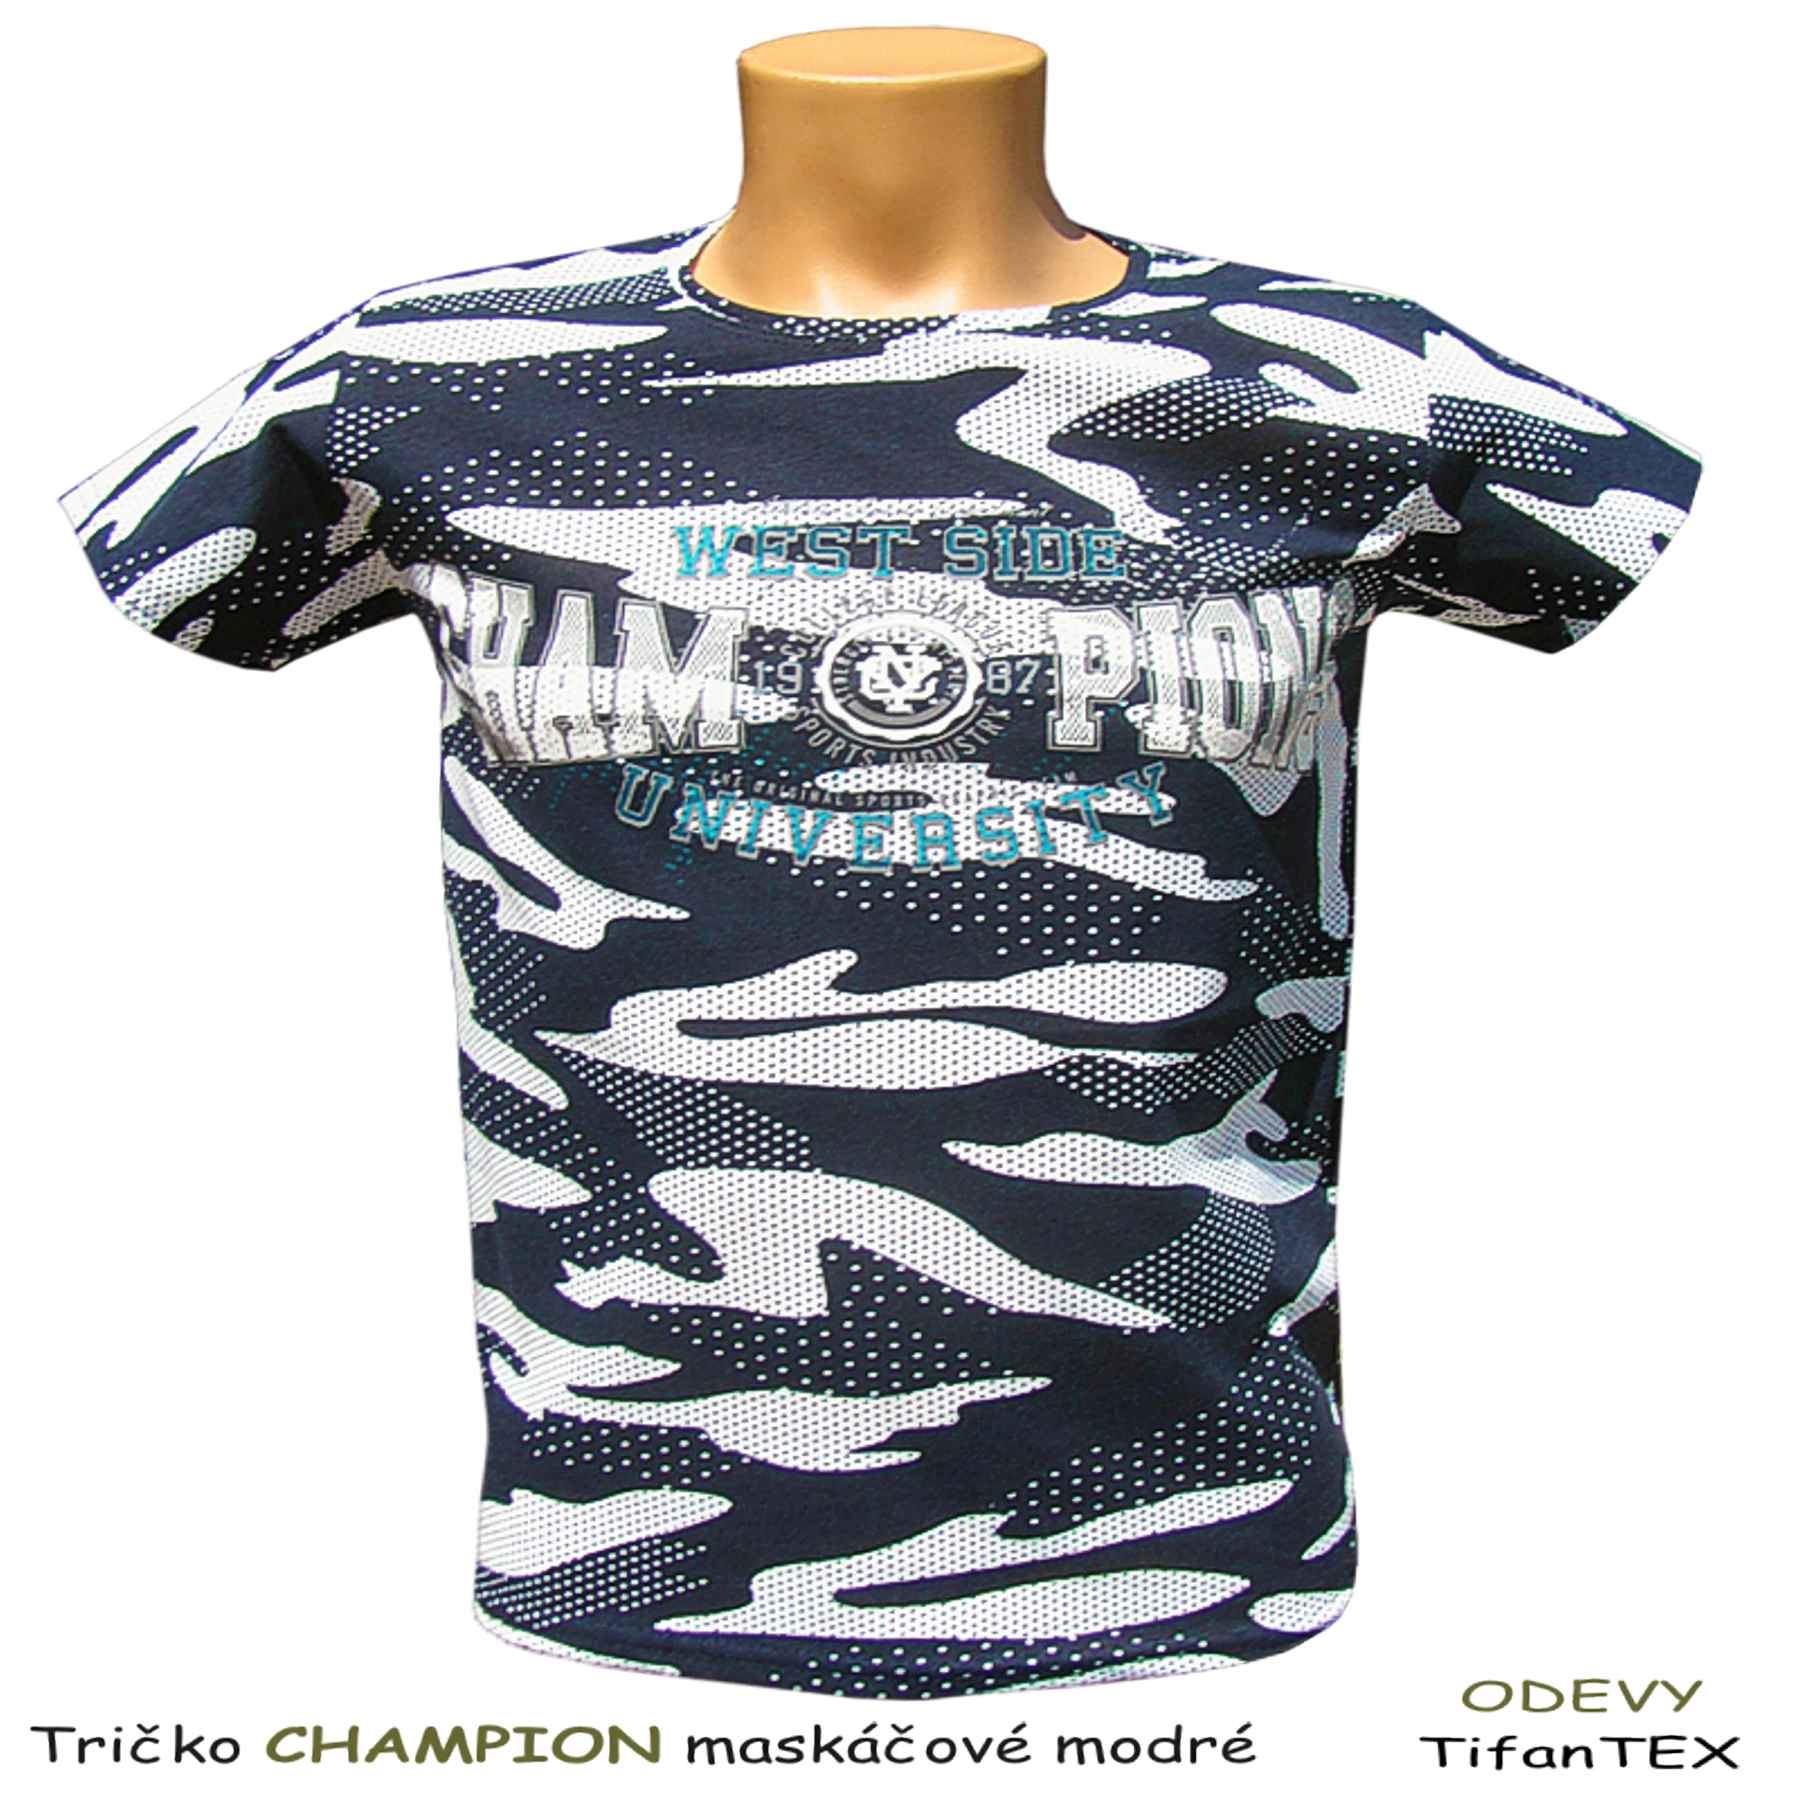 de3631ec8696 na prednom diele je nápis CHAMPIONS Pánske bavlnené tričko maskáčové  Champion modré